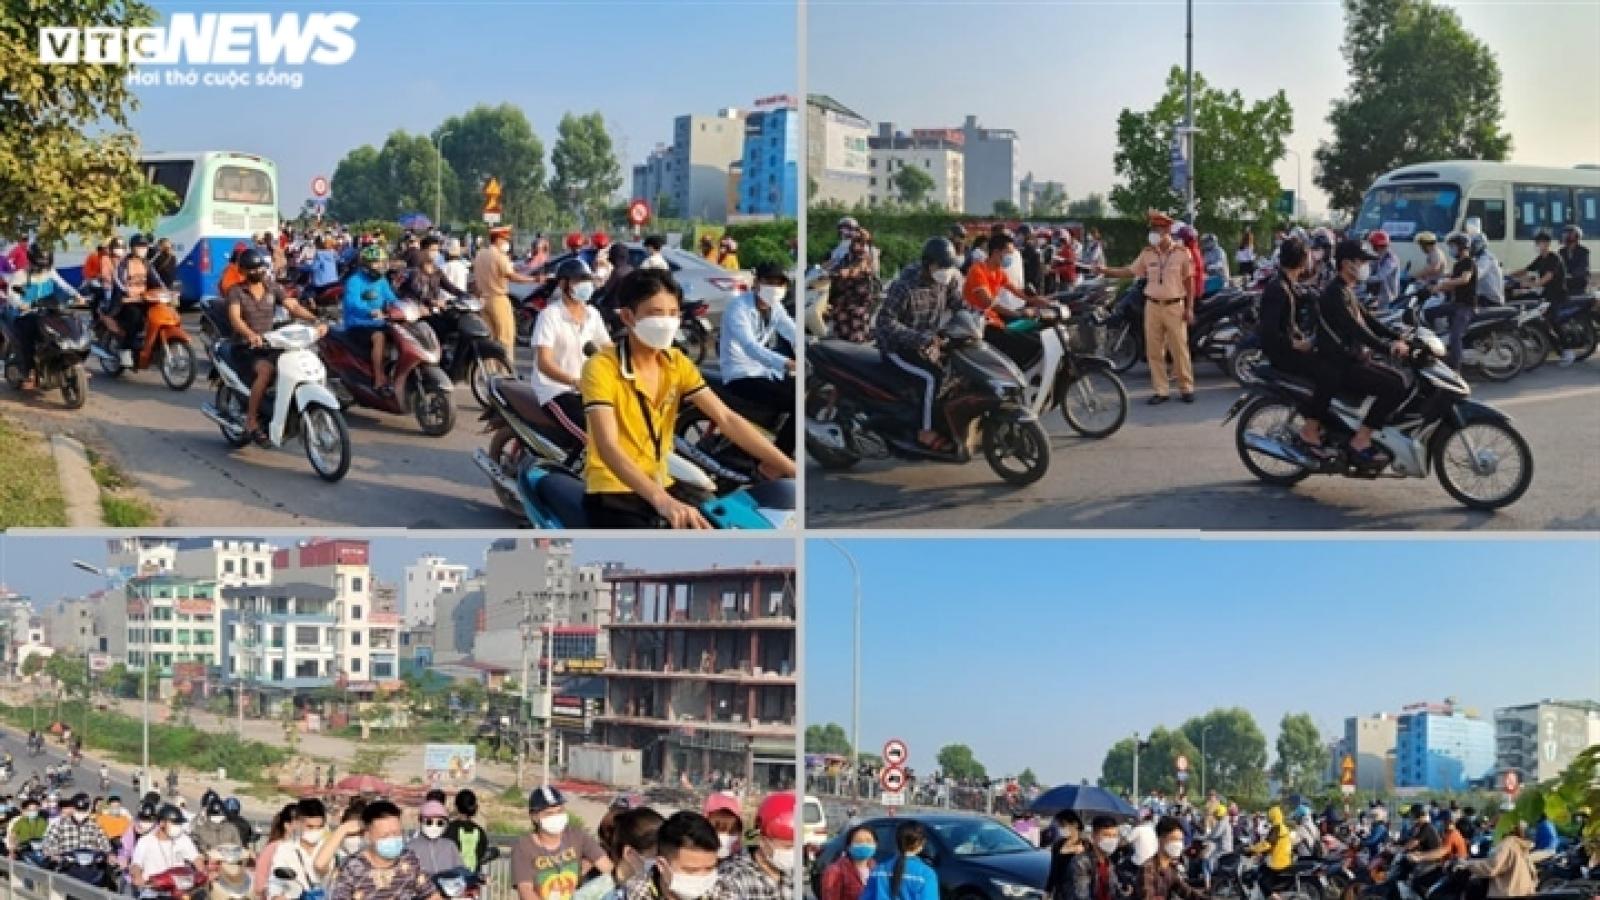 Giao thông hỗn loạn mạnh ai nấy đi ở đường gom cao tốc Hà Nội-Bắc Giang